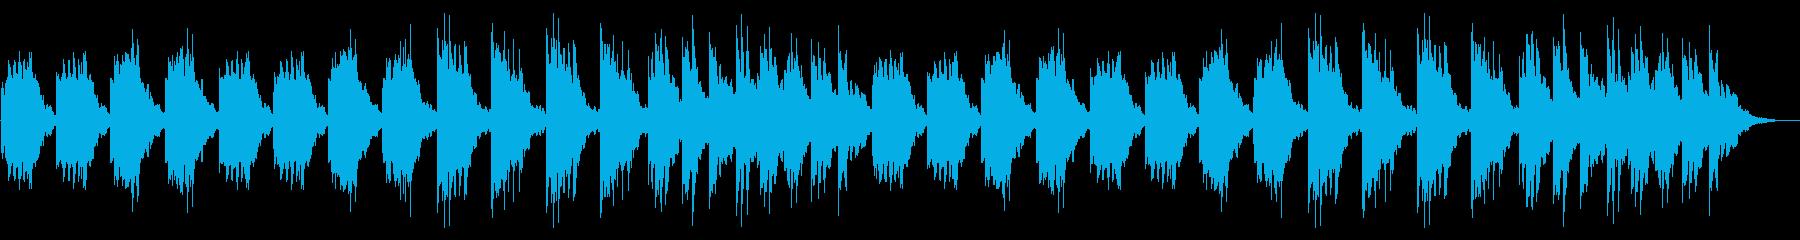 海底のような幻想的なピアノアンビエントの再生済みの波形